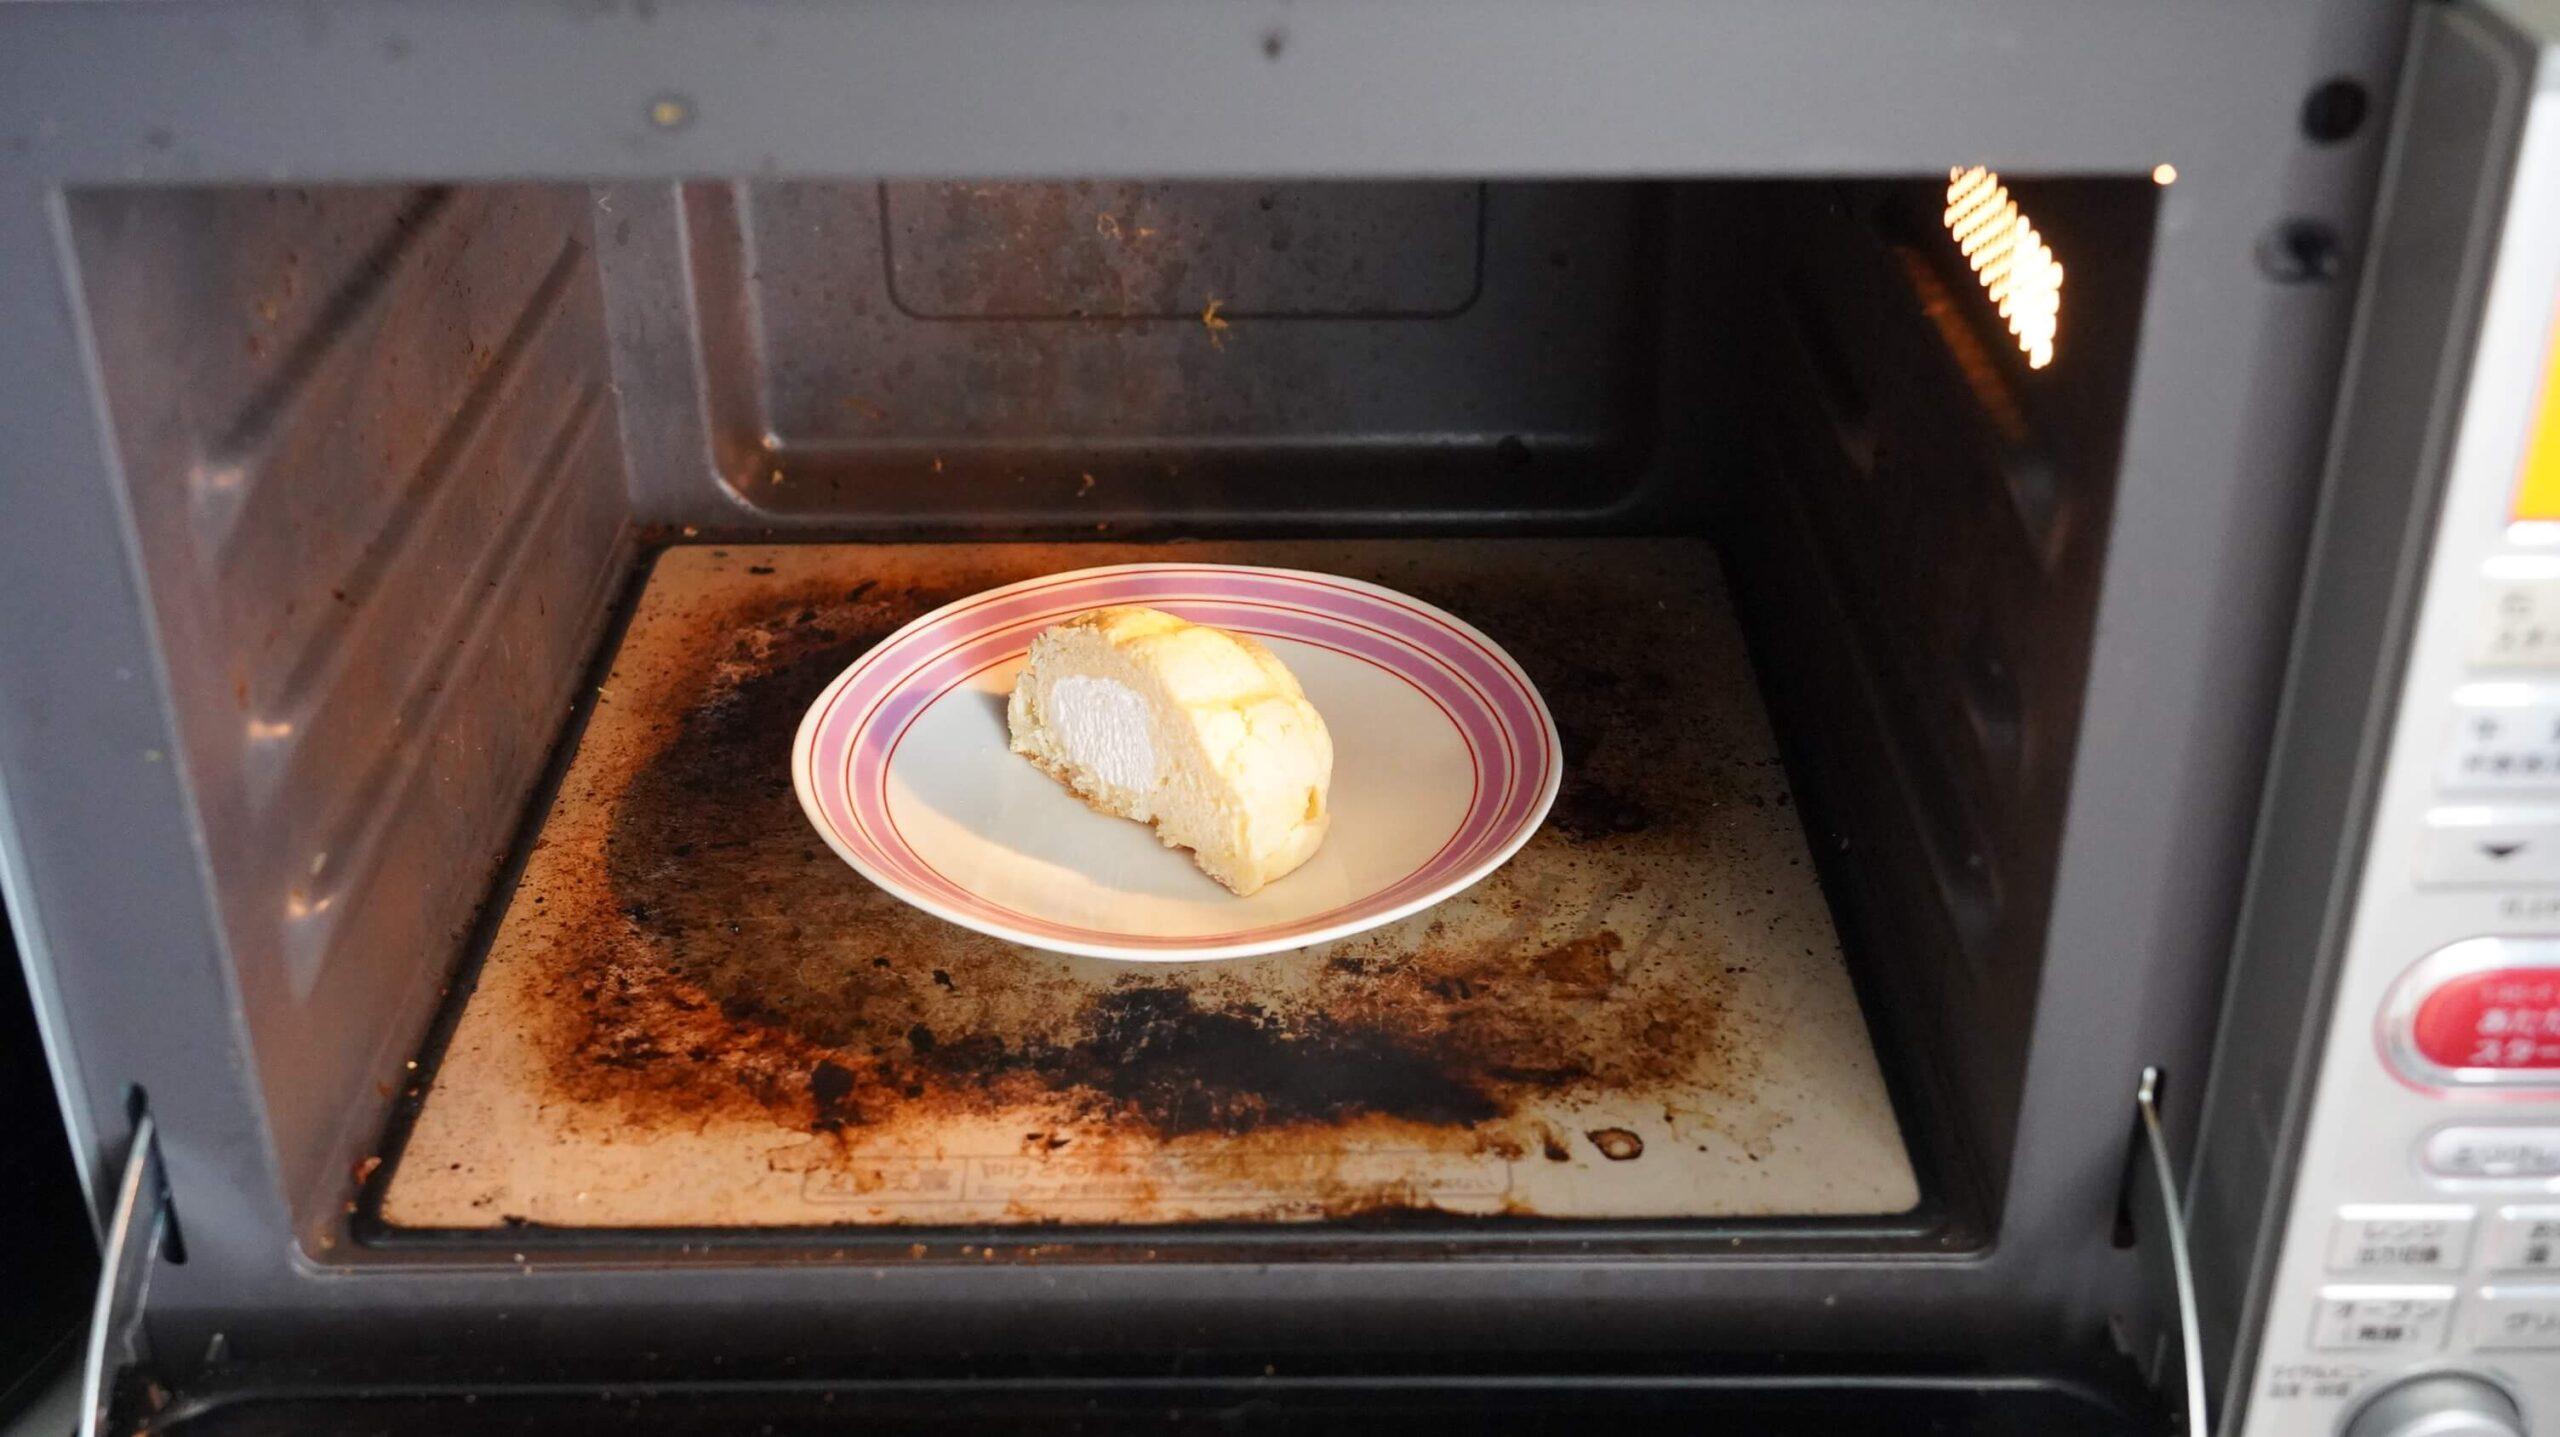 セブンイレブンの冷凍食品「冷たく食べるメロンパン」を電子レンジで加熱している写真